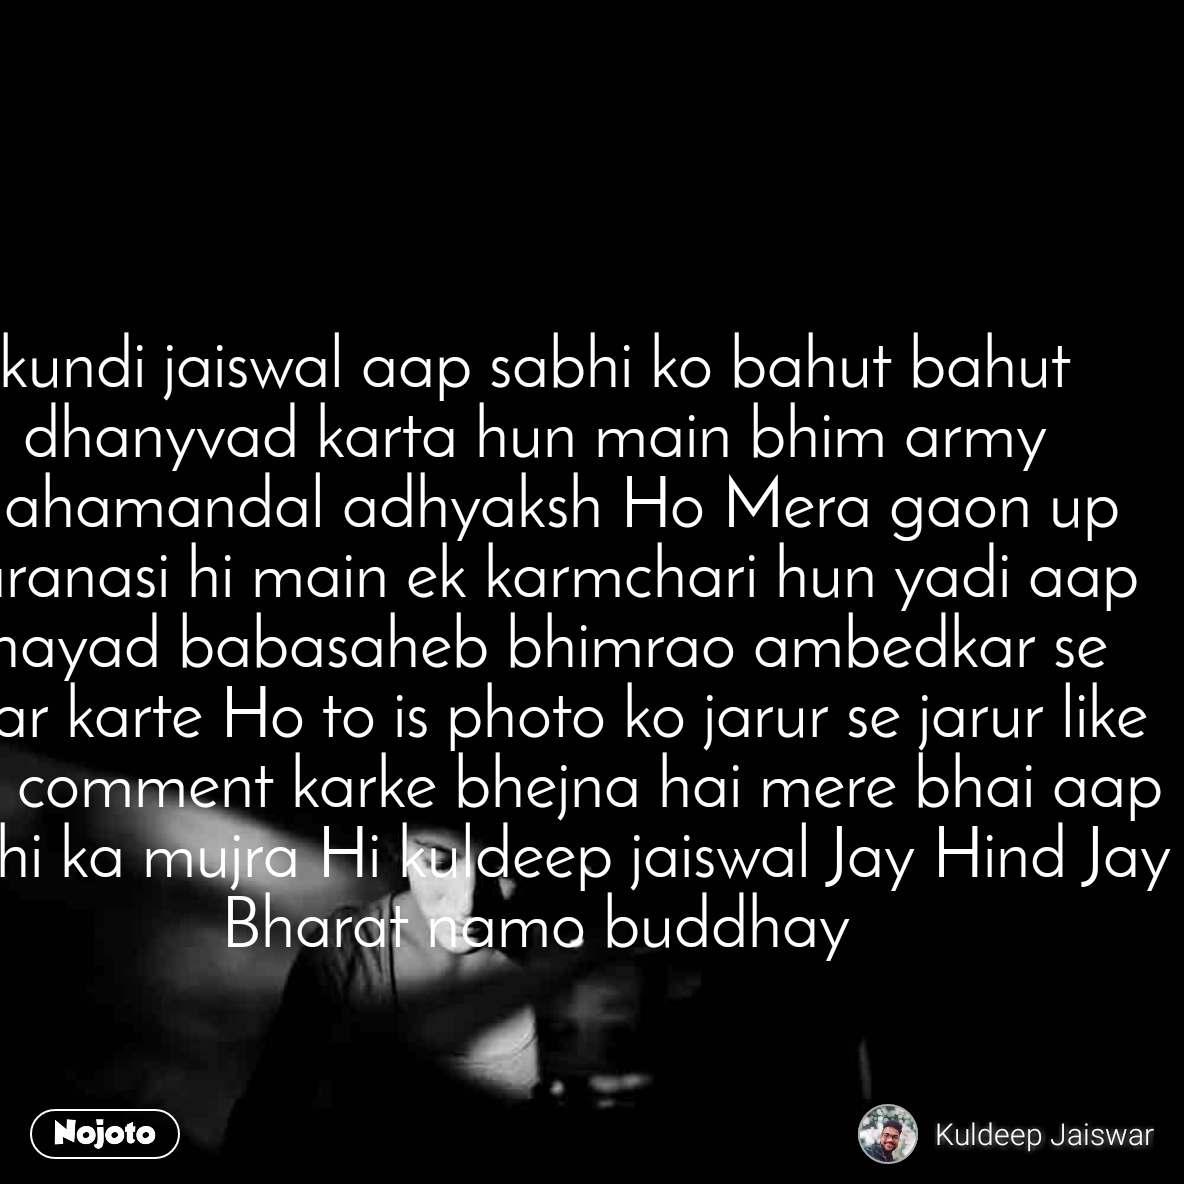 kundi jaiswal aap sabhi ko bahut bahut dhanyvad karta hun main bhim army mahamandal adhyaksh Ho Mera gaon up Varanasi hi main ek karmchari hun yadi aap shayad babasaheb bhimrao ambedkar se Pyar karte Ho to is photo ko jarur se jarur like aur comment karke bhejna hai mere bhai aap sabhi ka mujra Hi kuldeep jaiswal Jay Hind Jay Bharat namo buddhay